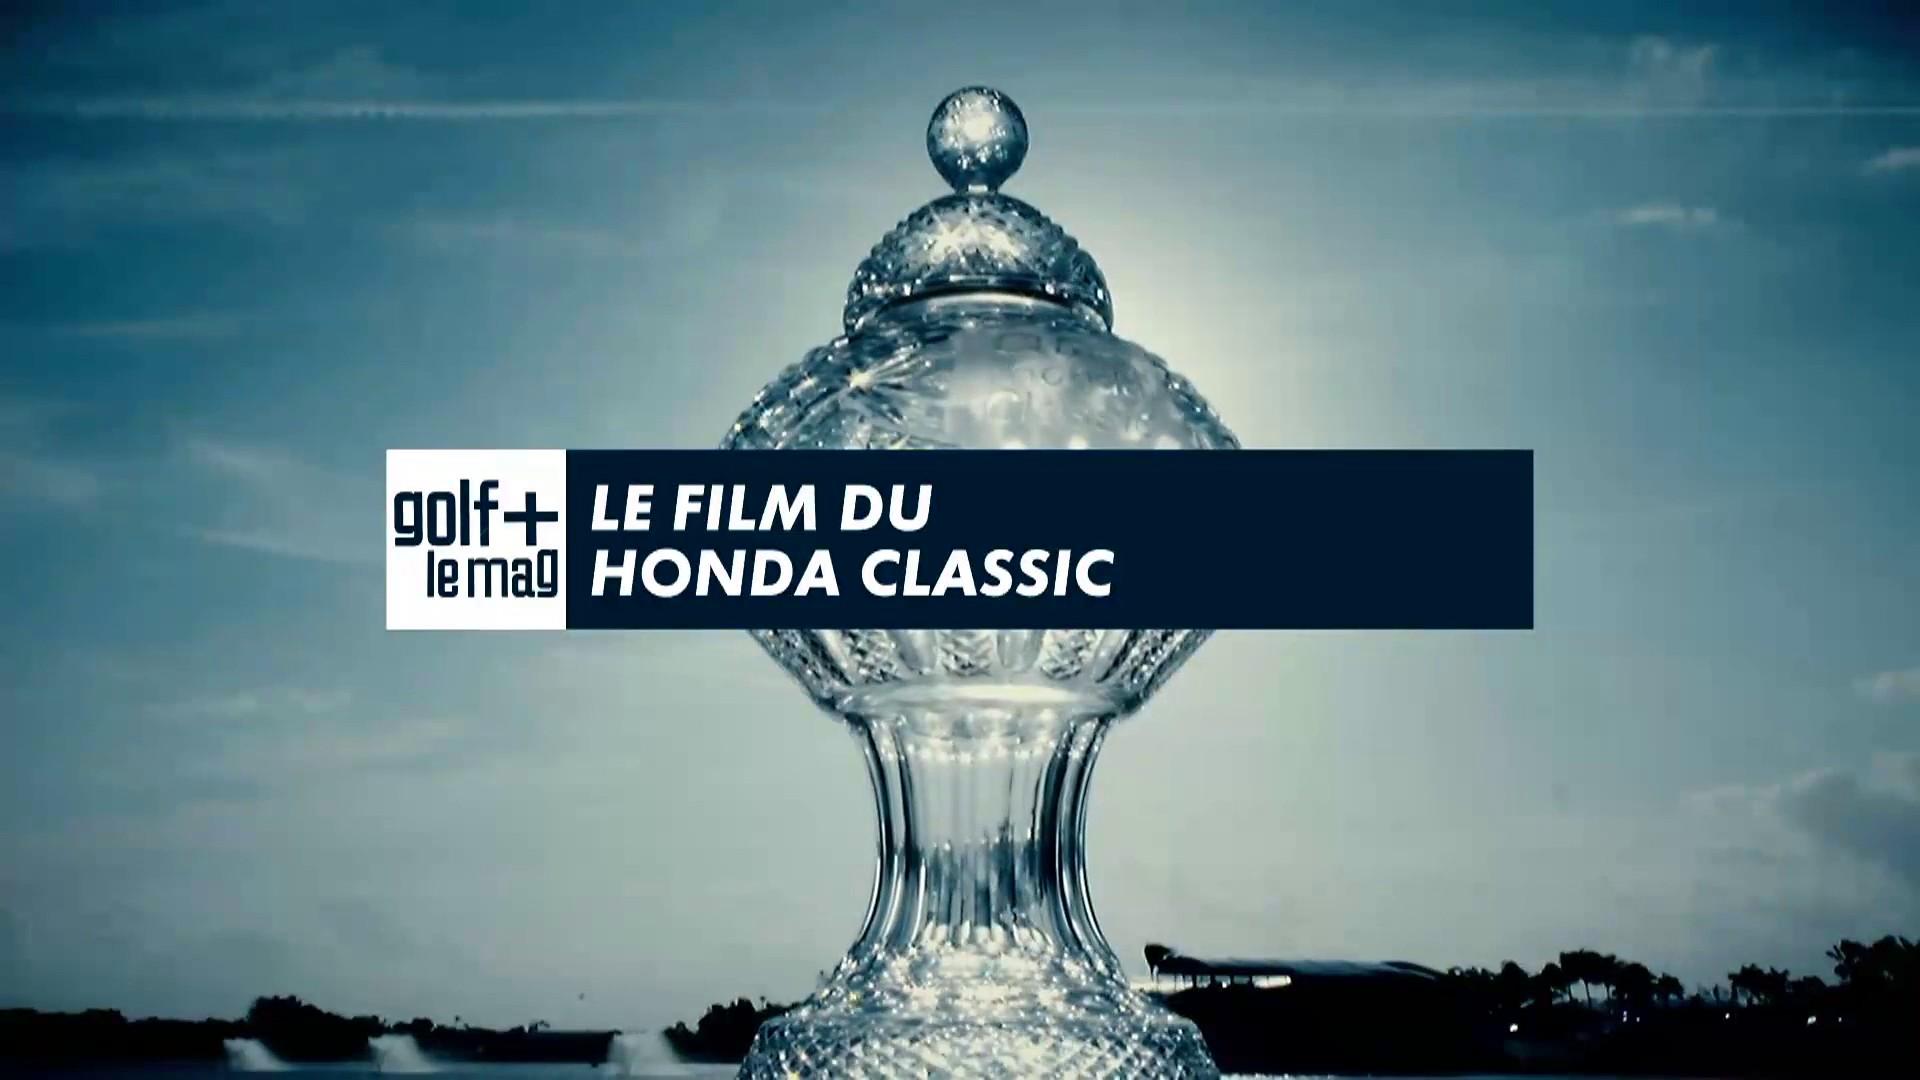 Le film du Honda Classic